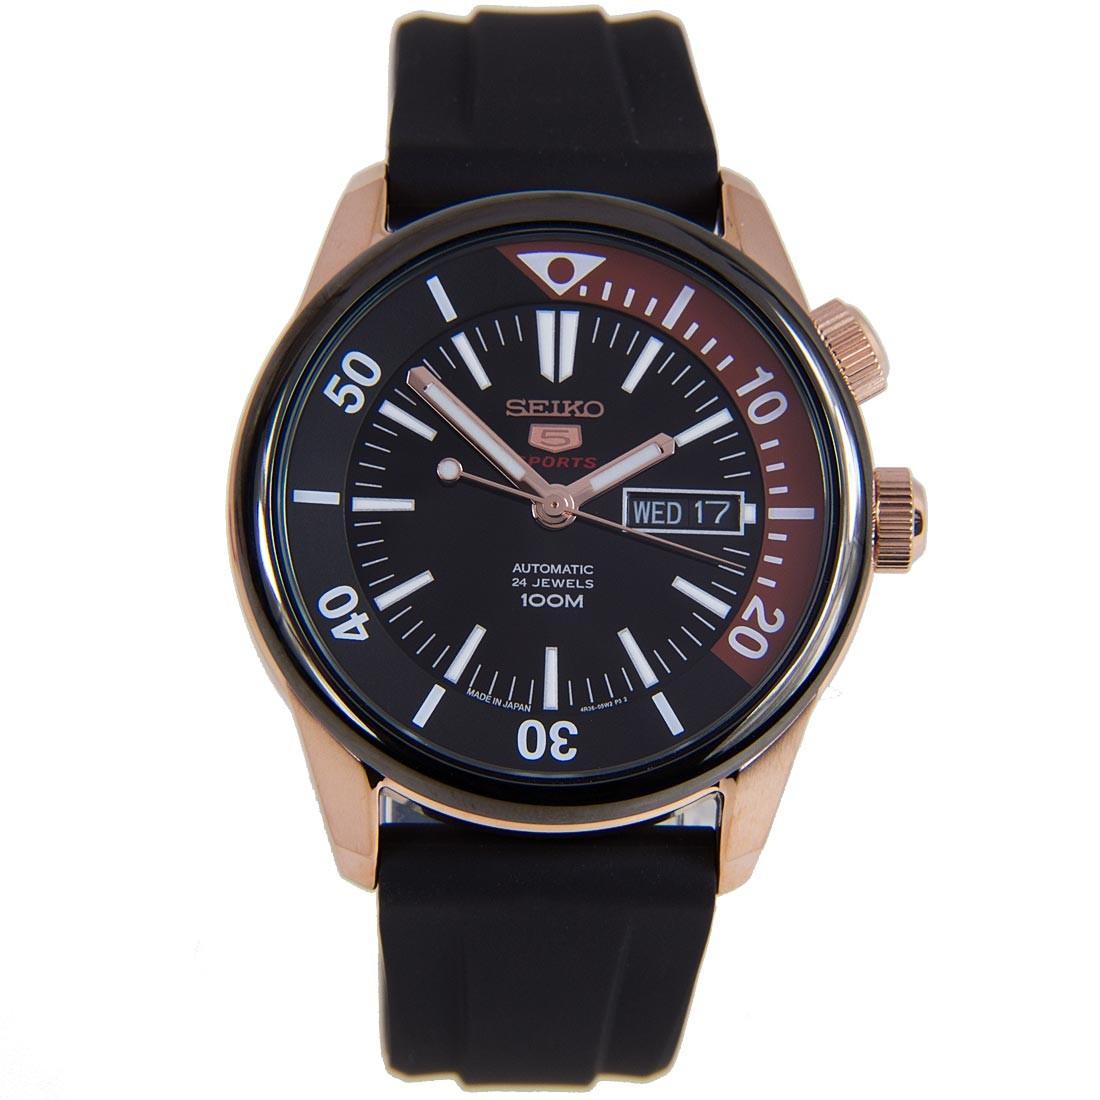 นาฬิกาผู้ชาย Seiko รุ่น SRPB32J1, Seiko 5 Sports Automatic Japan